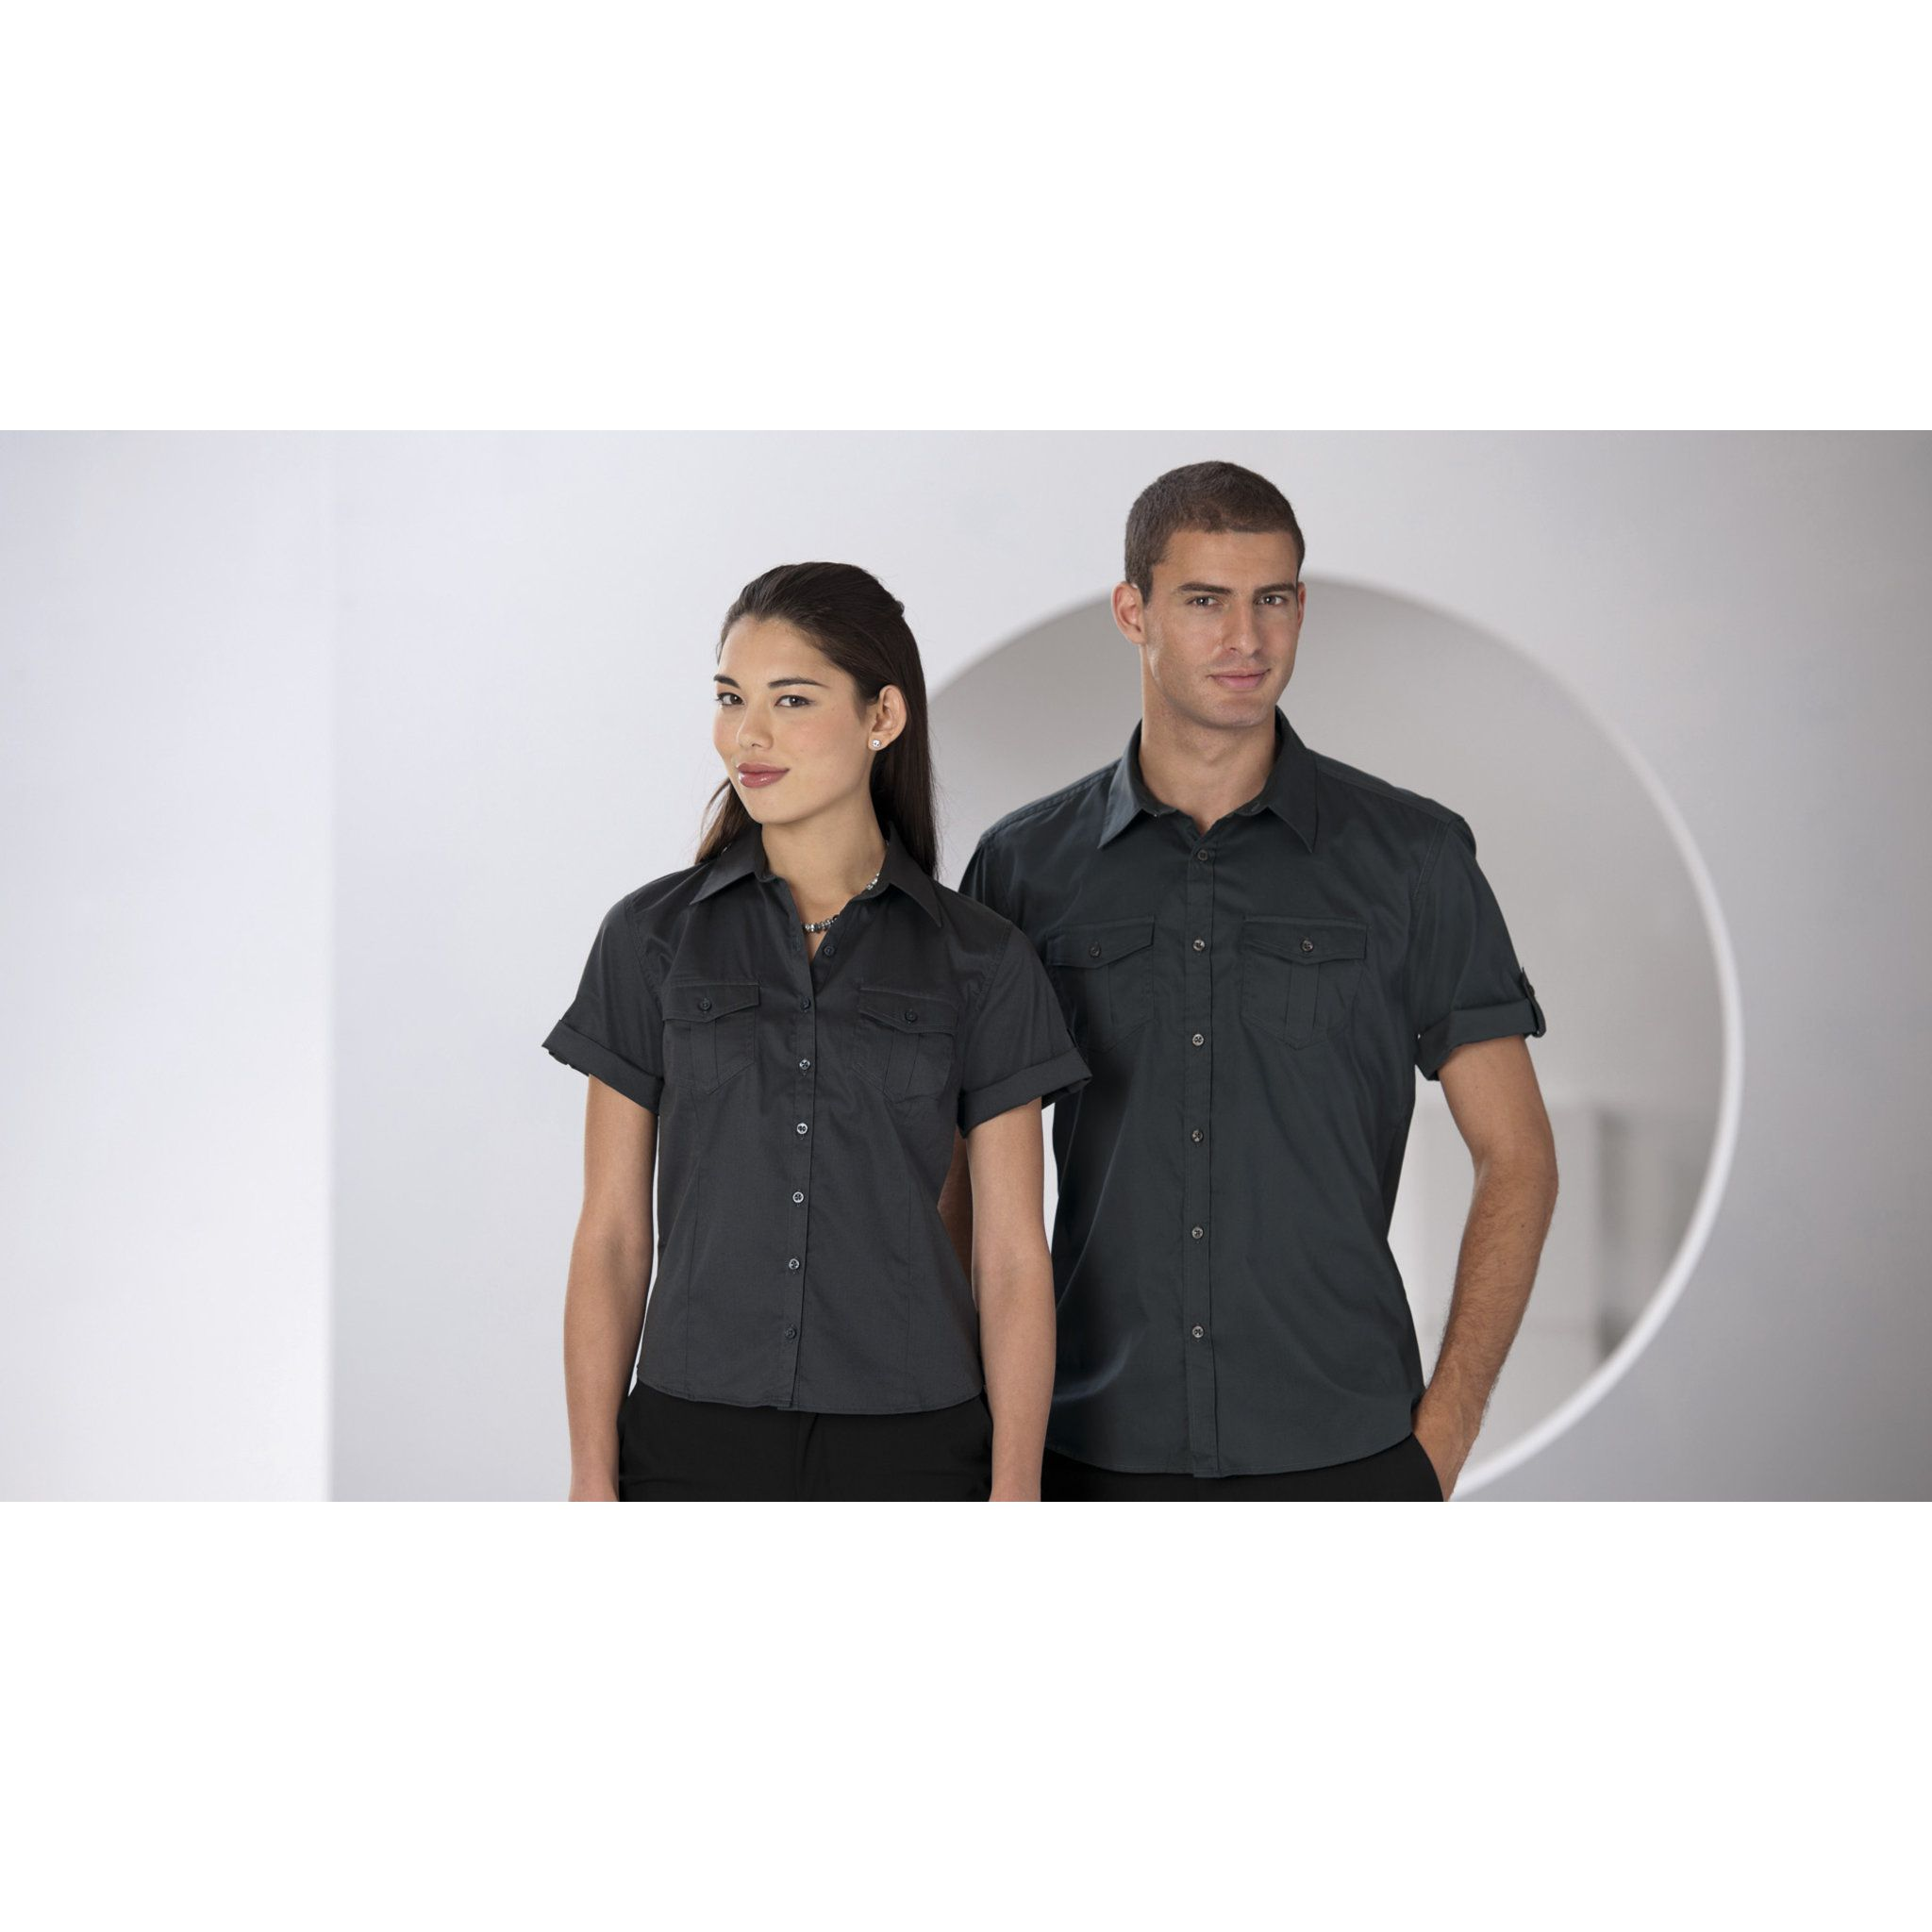 chemisette-homme-manches-retroussables-